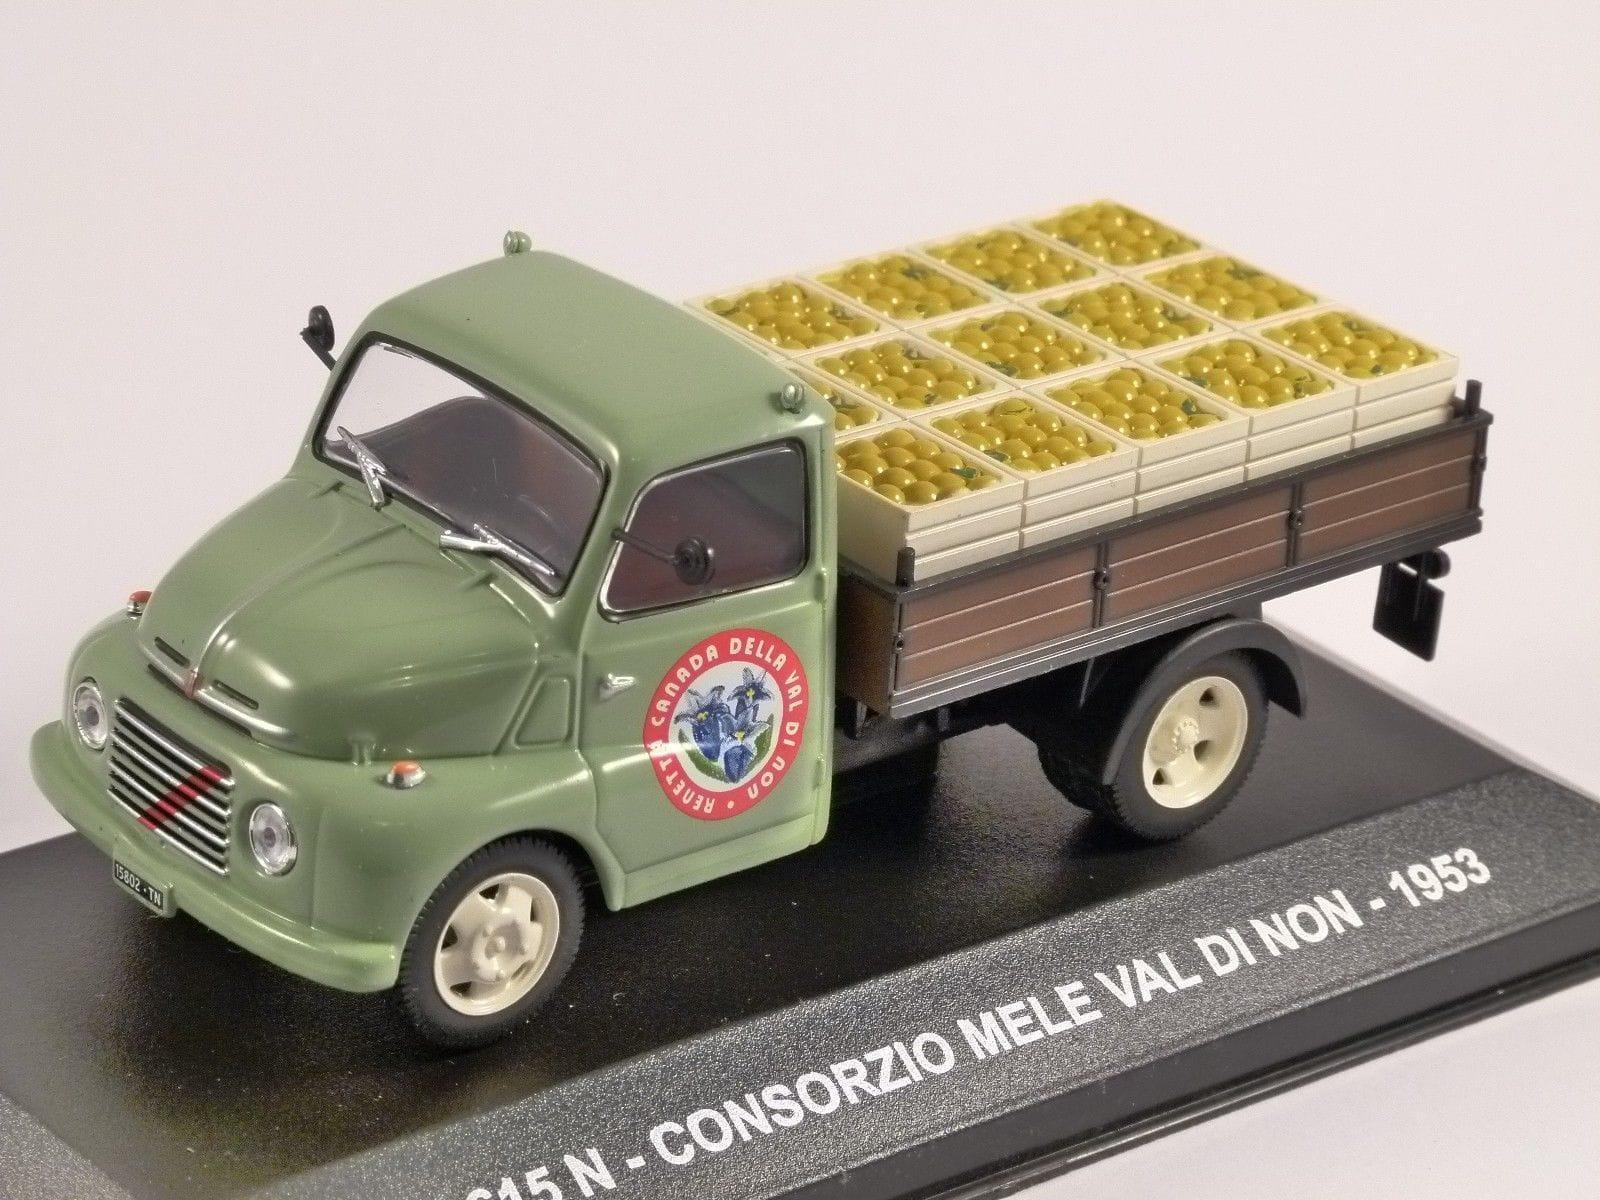 harga Fiat 615n Consorzio Mele Val Di Non 1953 Blanja.com